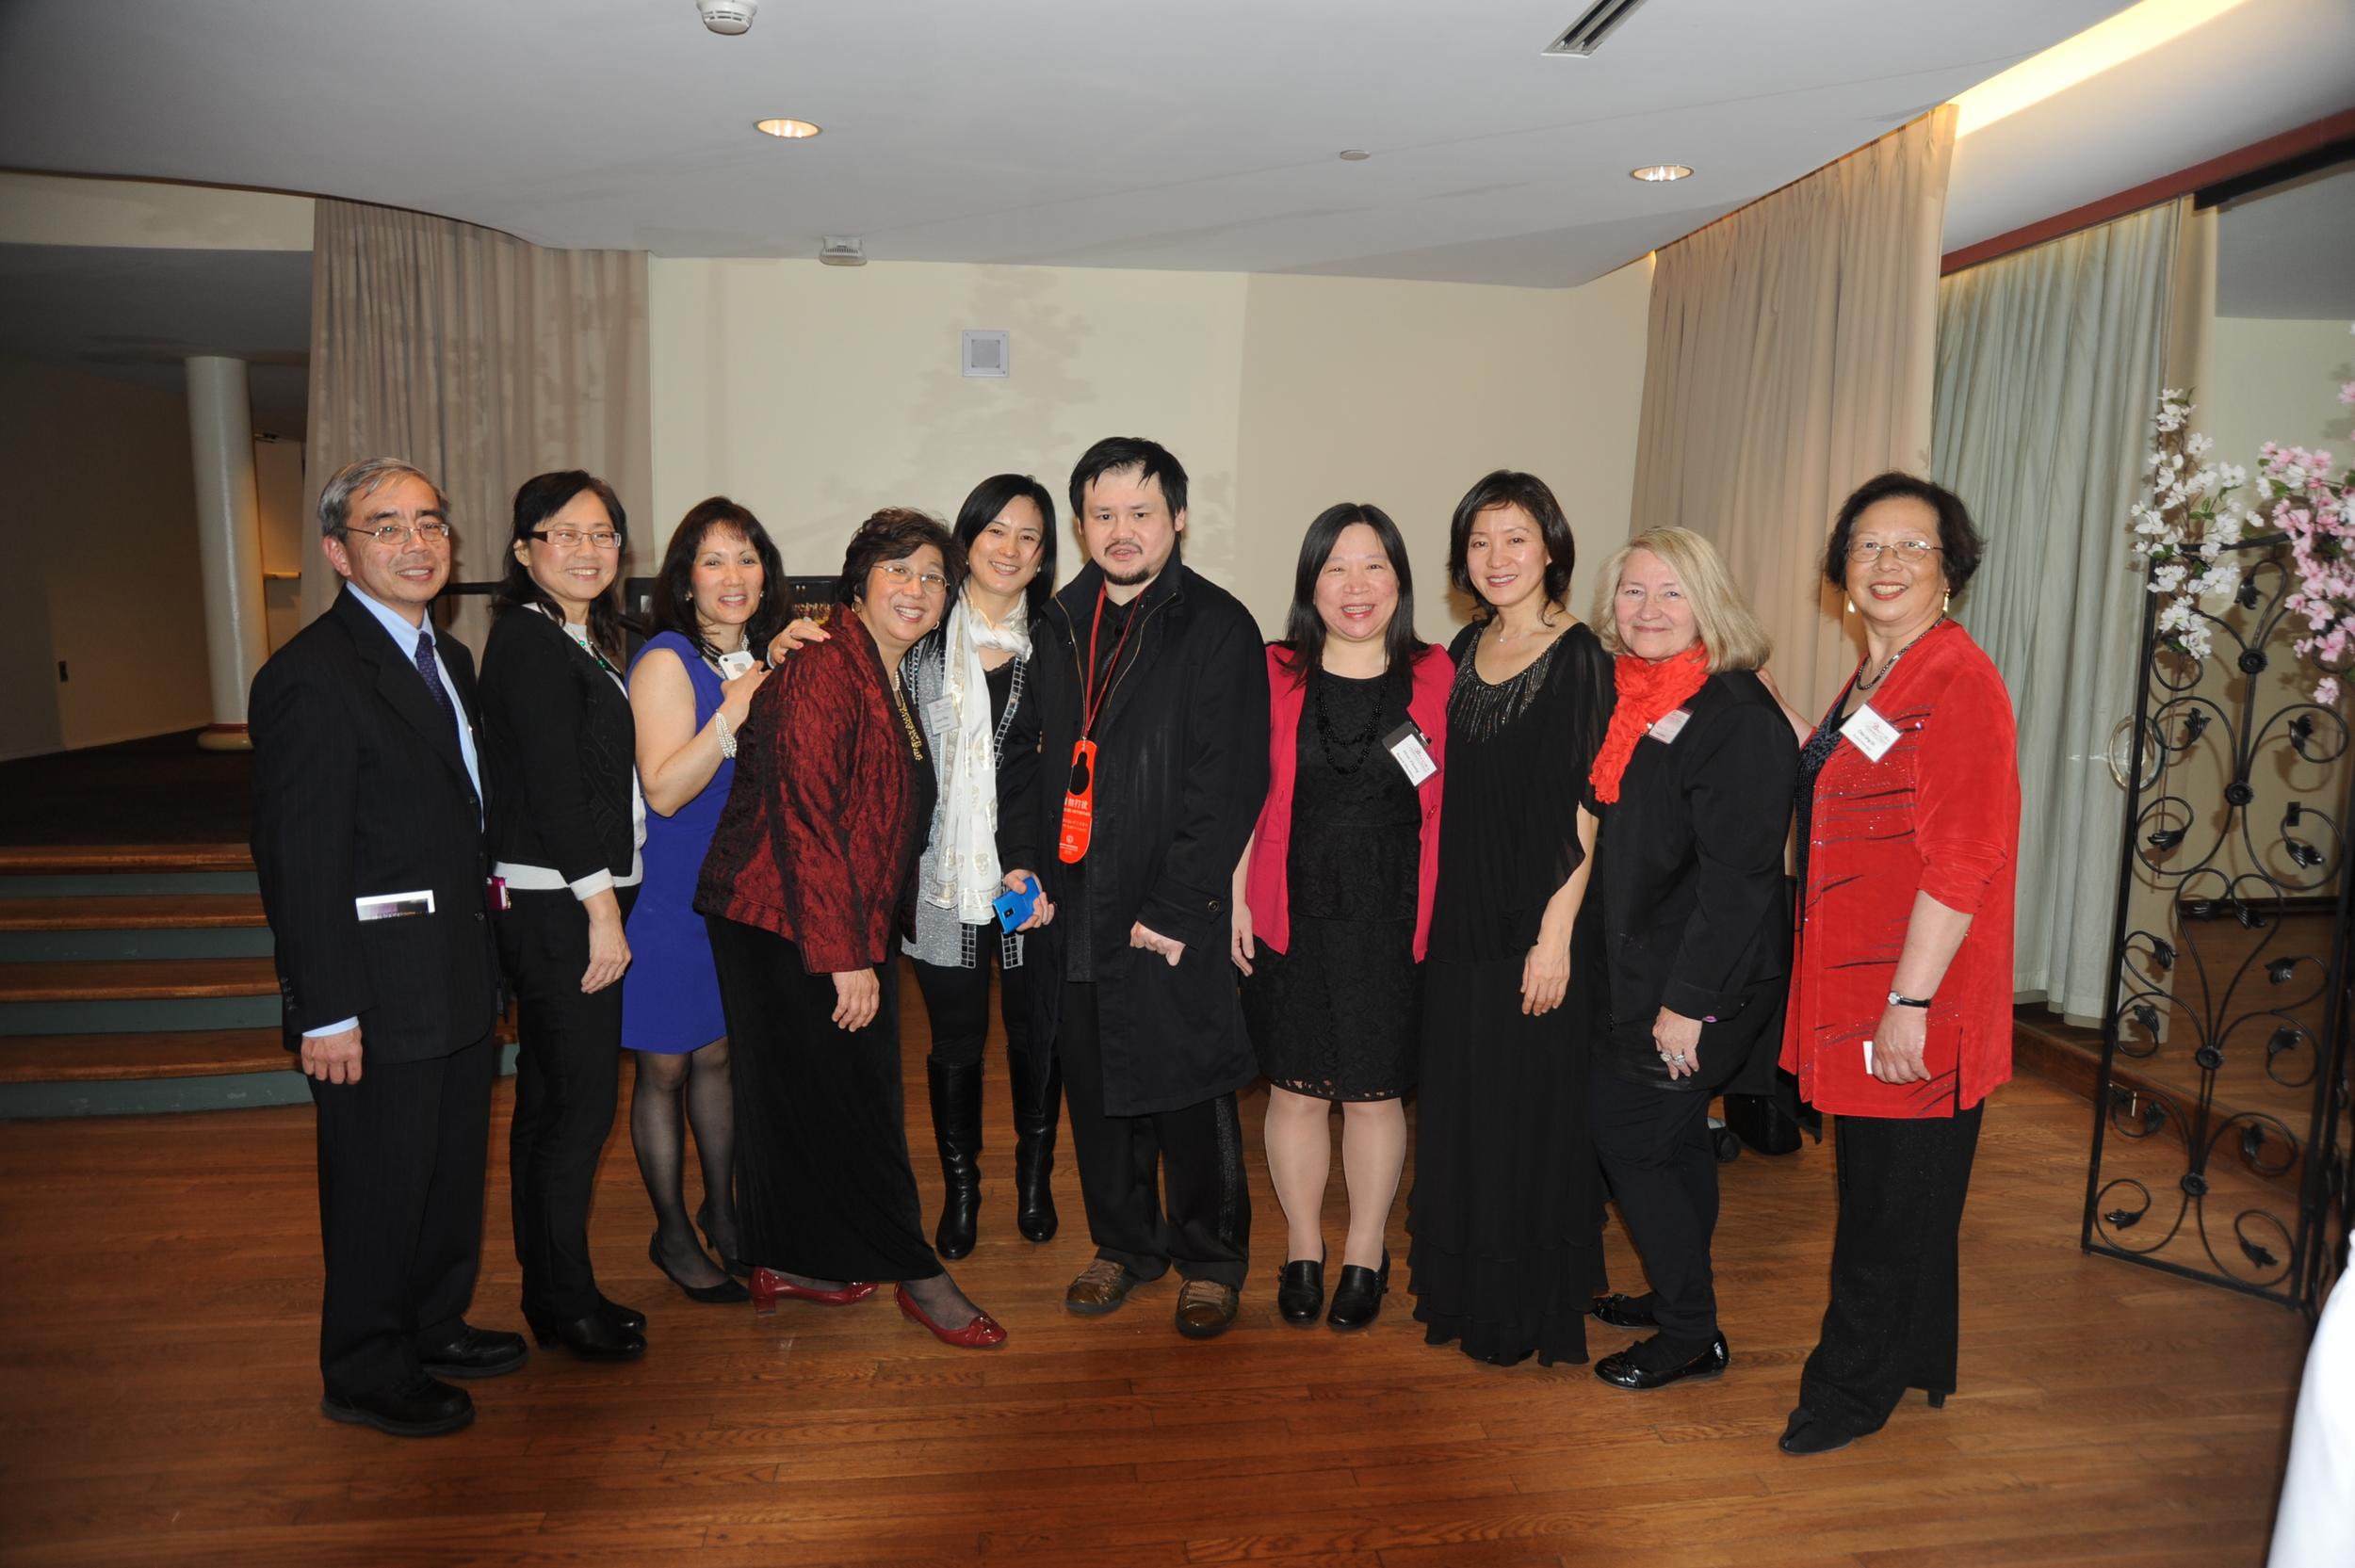 Chuanyun Li with Bravura Philharmonic board members  From left:  Dr. Robert Kaita, Molly Sung, Elizabeth von Autenried, Maestra Chiu-Tze Lin, Dr. Grace Hao, Chuanyun Li, Wen Zhang, Ingrid Tang, Dr. Donna Muzzicato, and Dr. Chiu-Ling Lin